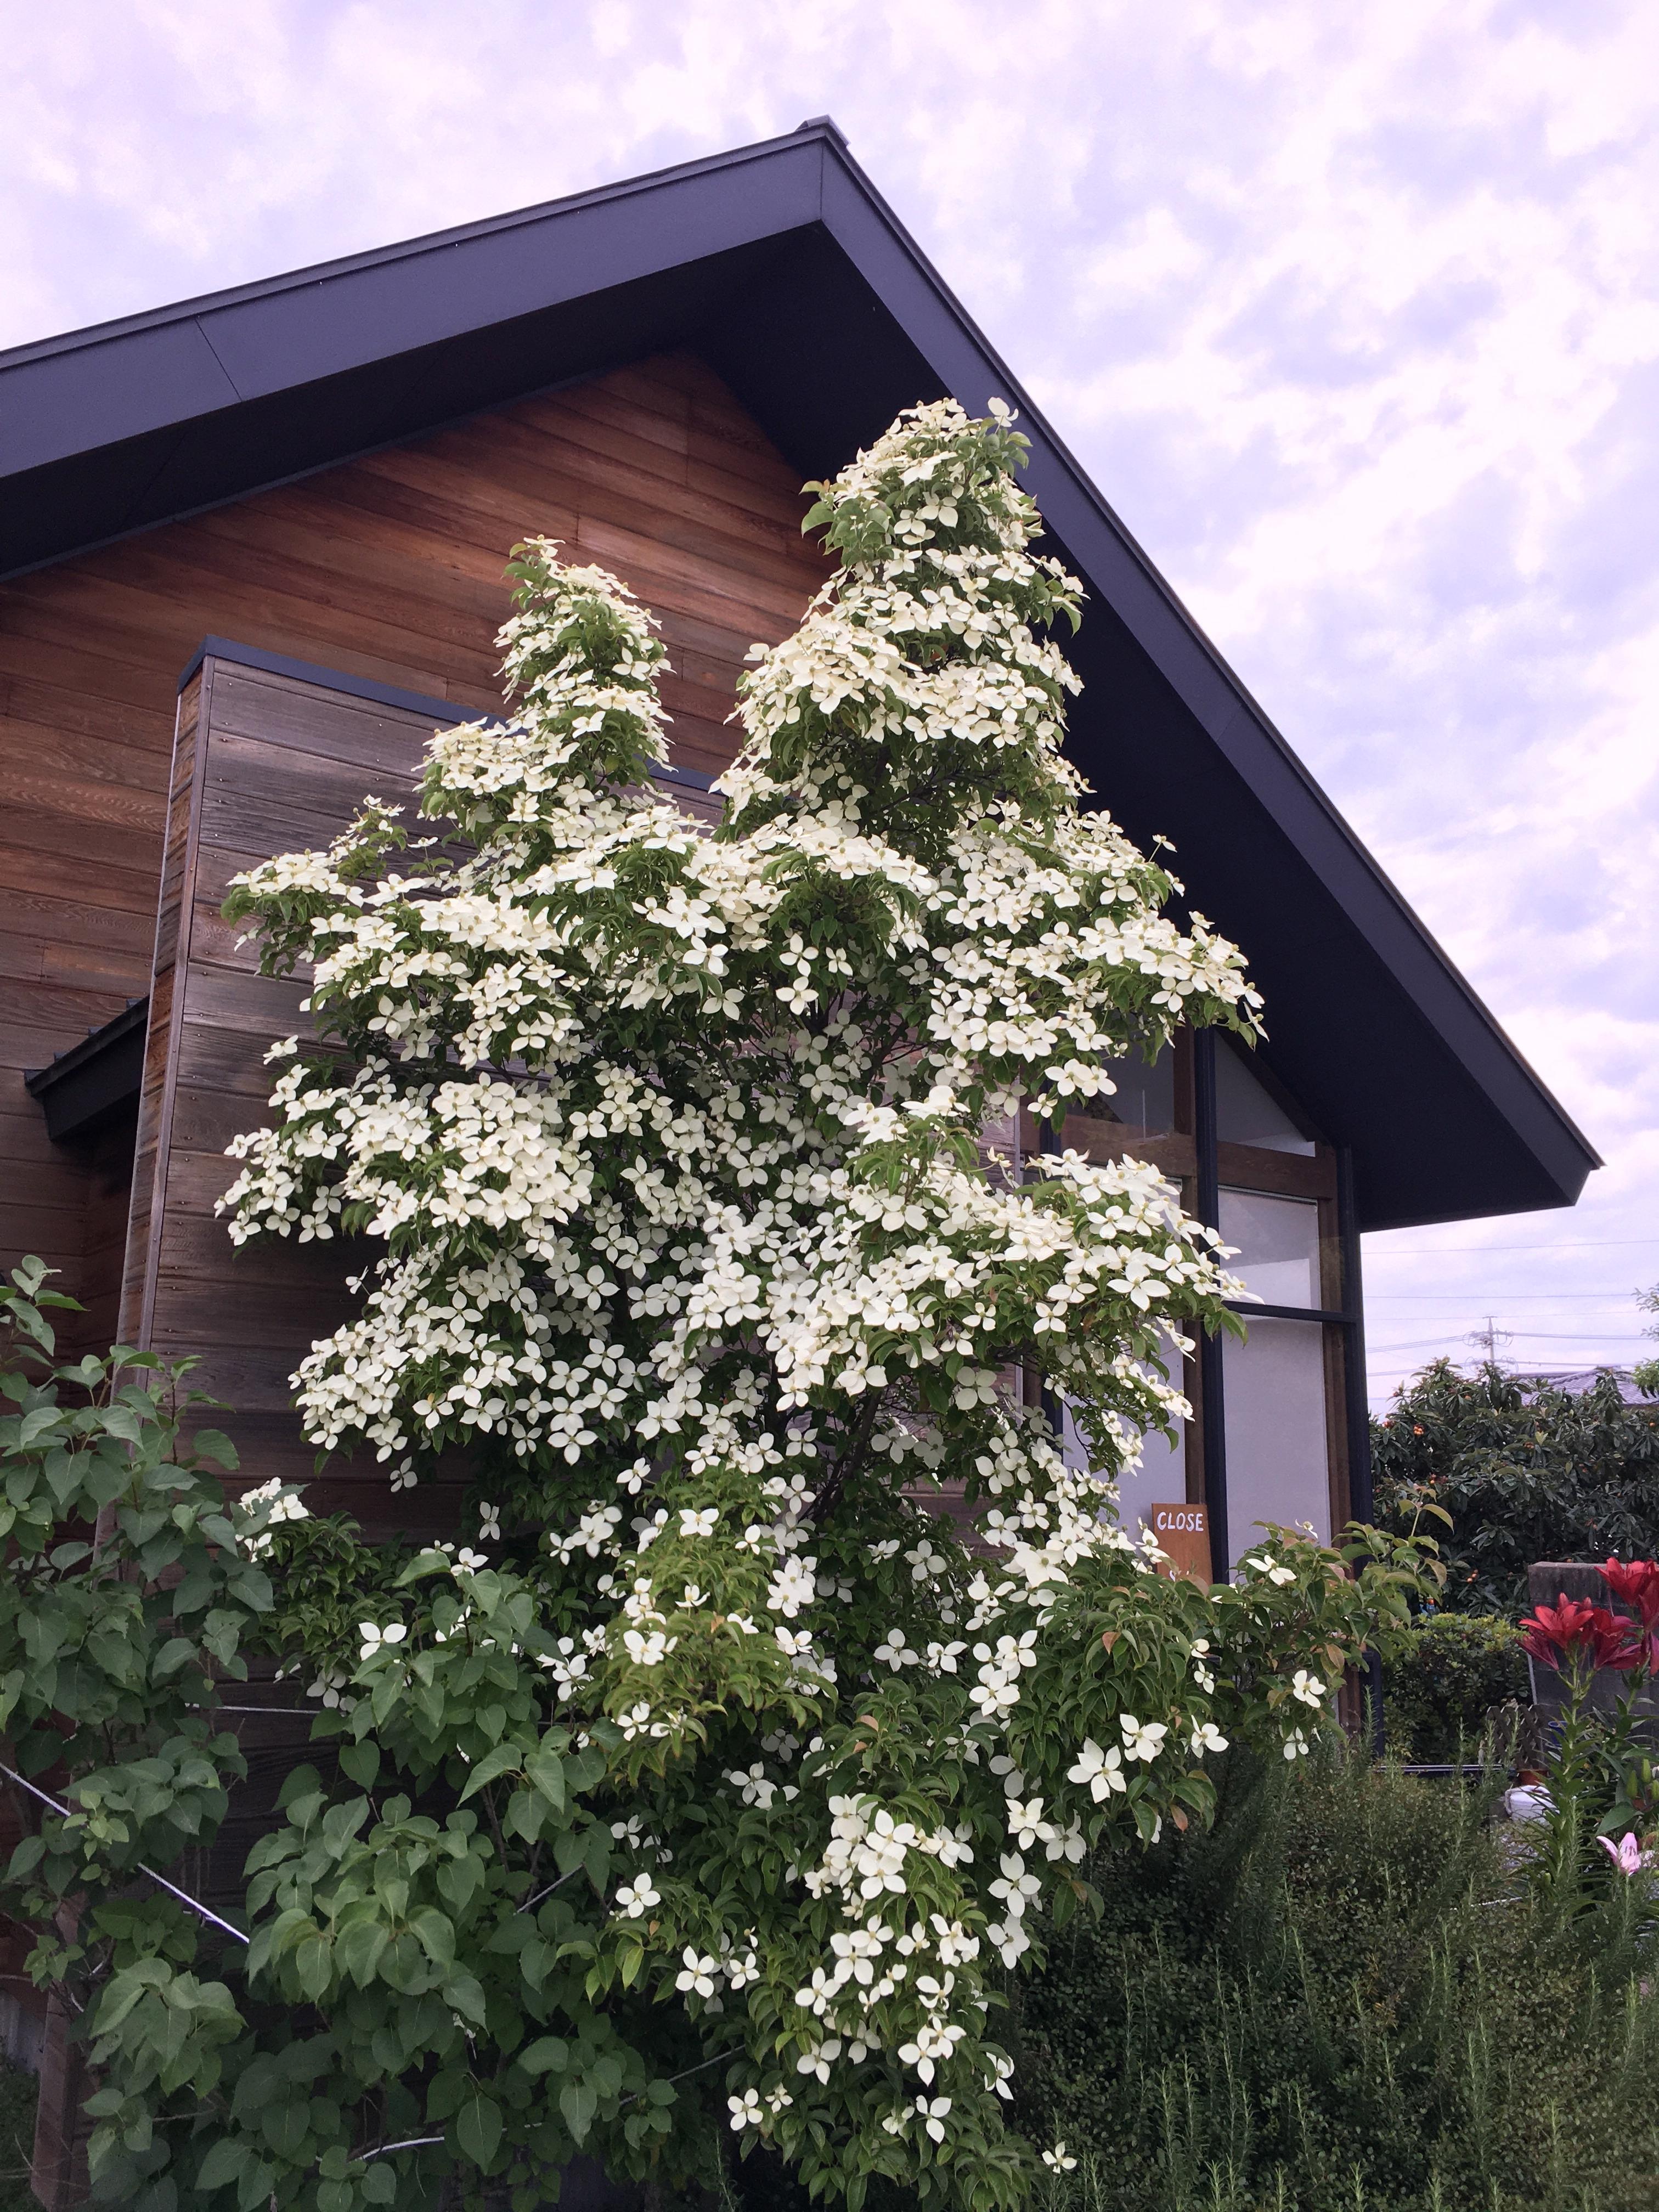 ヤマボウシの花が白く綺麗に咲いています。